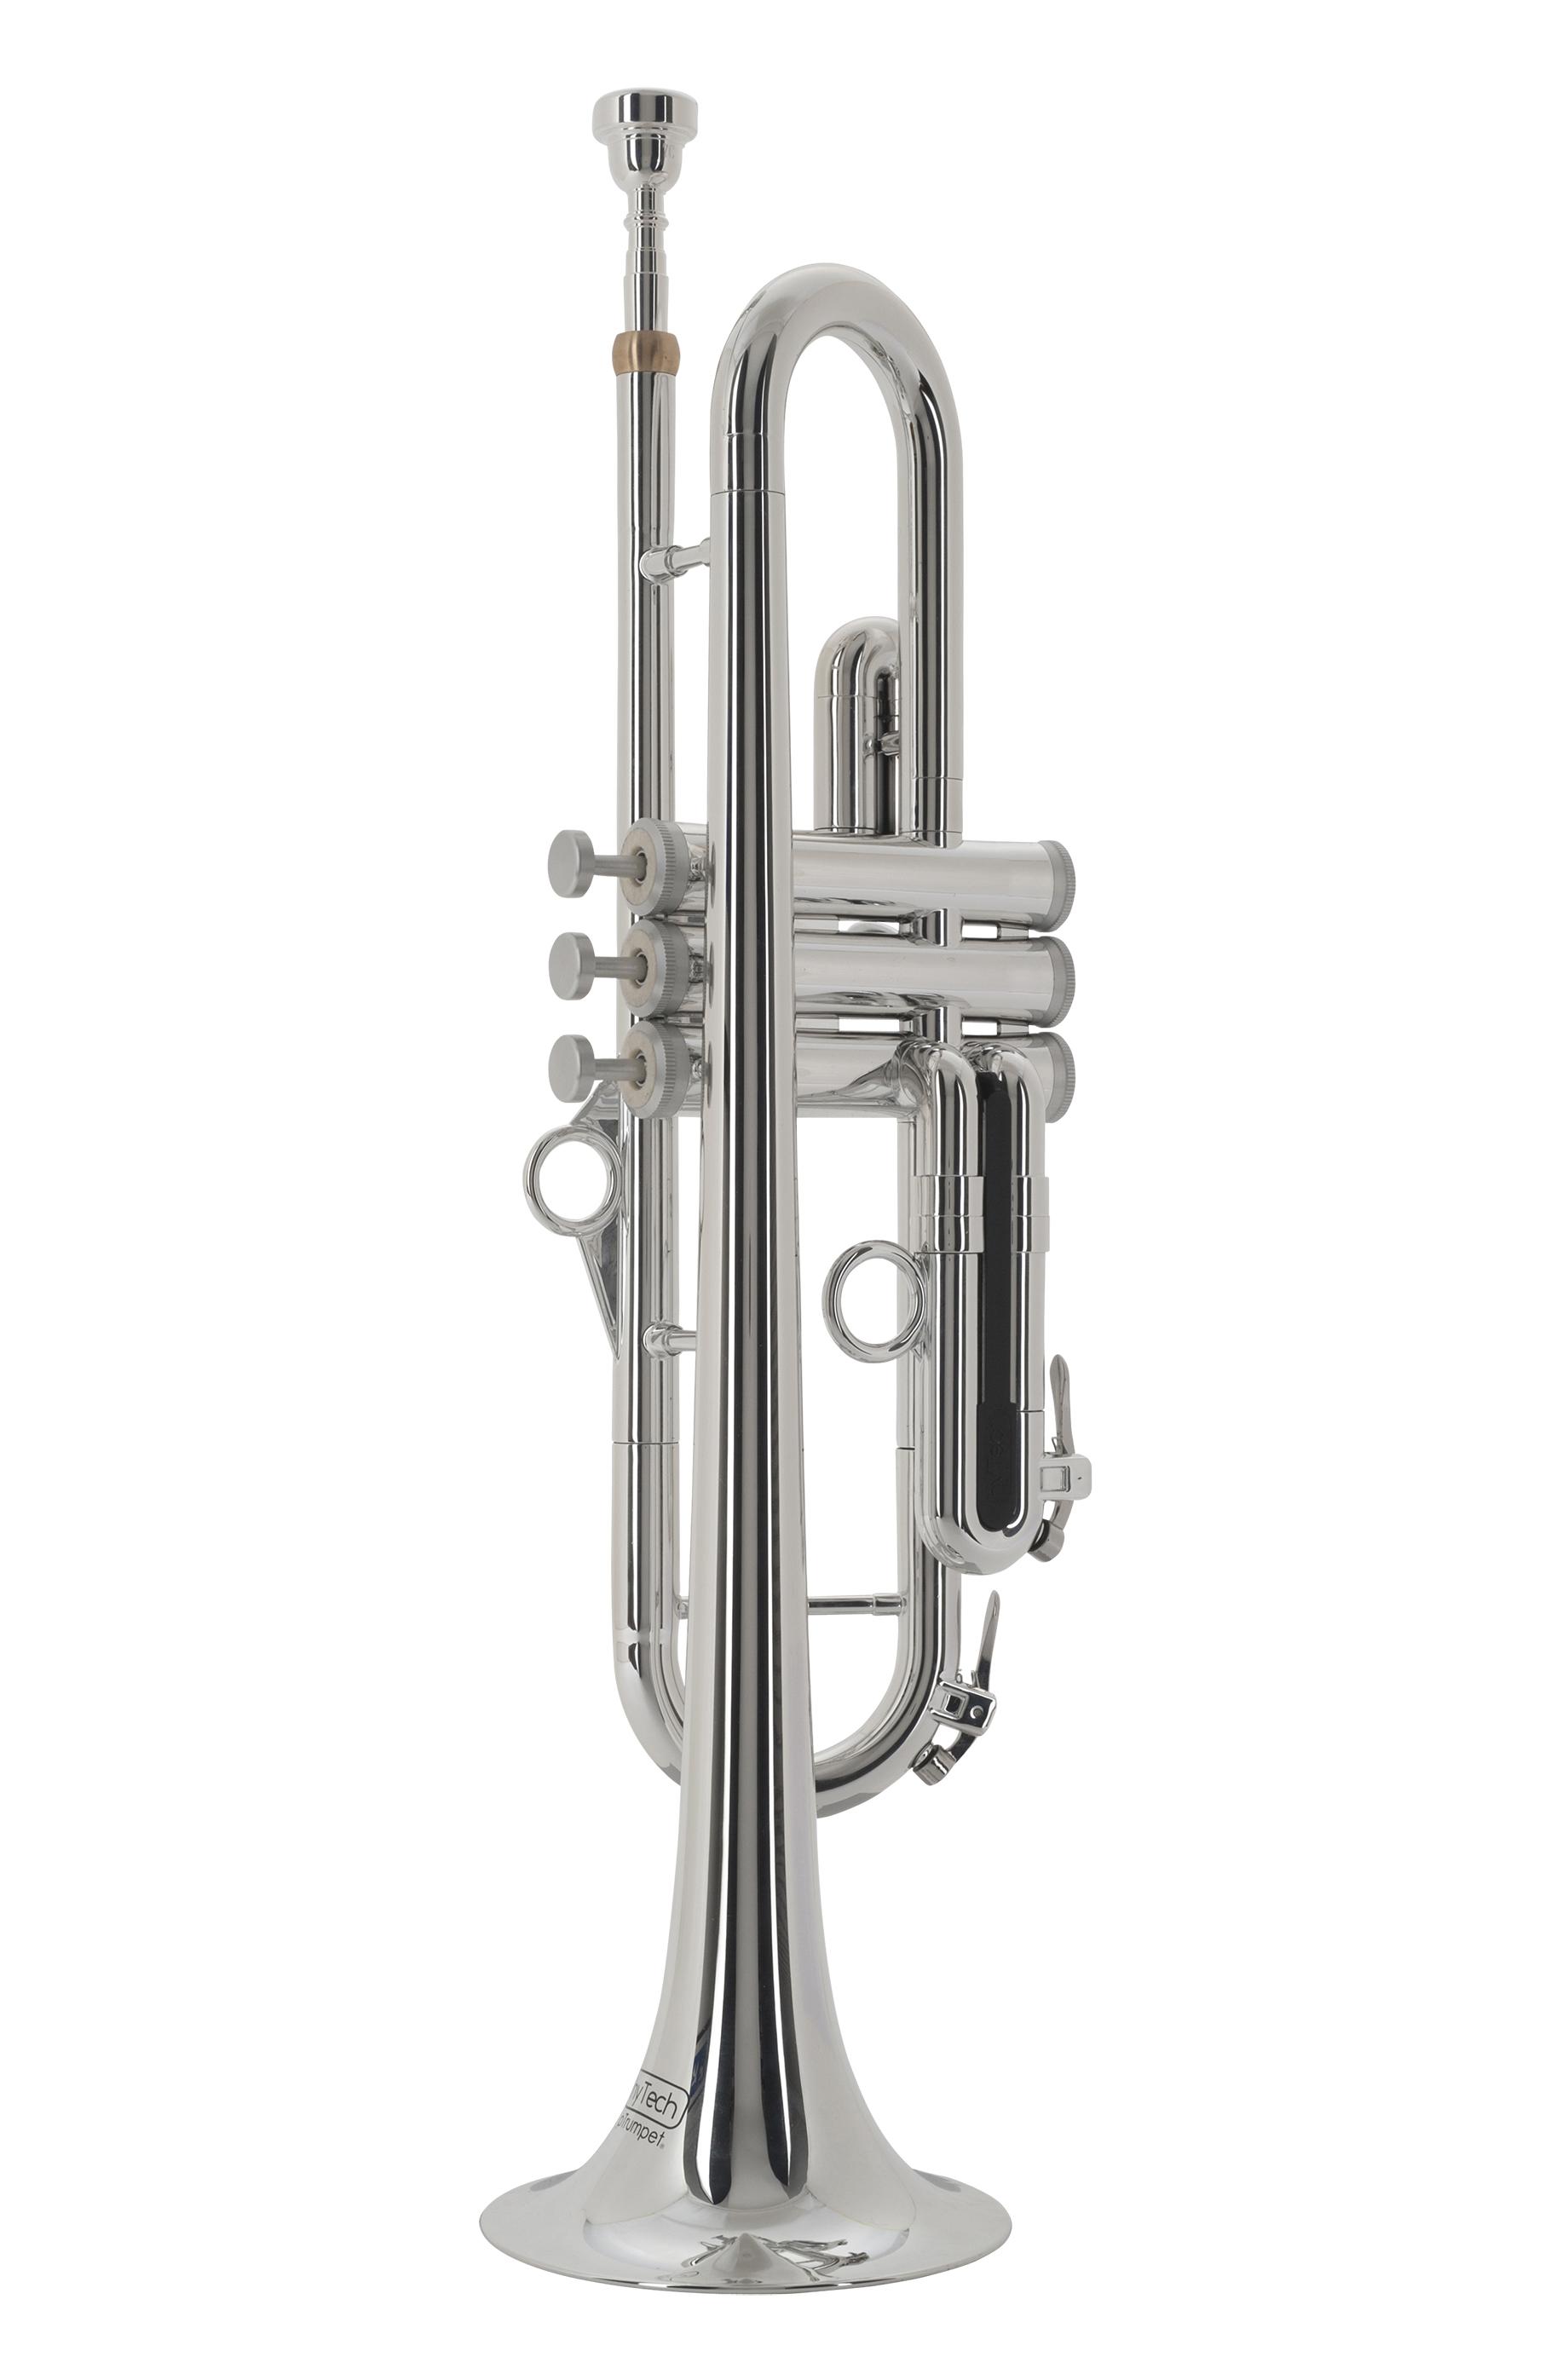 pTrumpet - pTrumpet hyTech - silberfarbig - Blechblasinstrumente - Trompeten mit Perinet-Ventilen | MUSIK BERTRAM Deutschland Freiburg